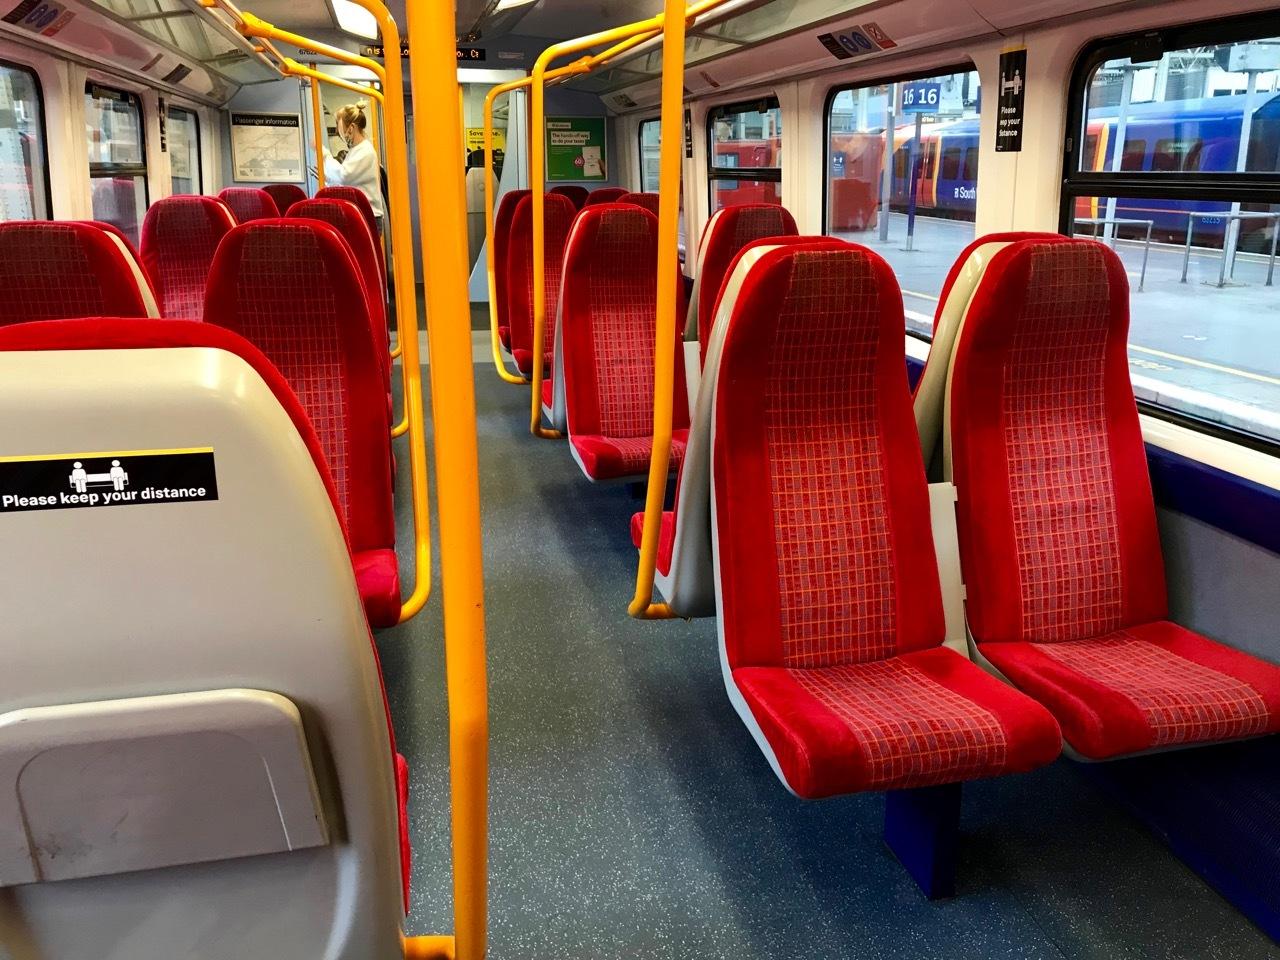 4ヶ月ぶりに乗ったバス、電車、地下鉄_e0114020_19220896.jpg